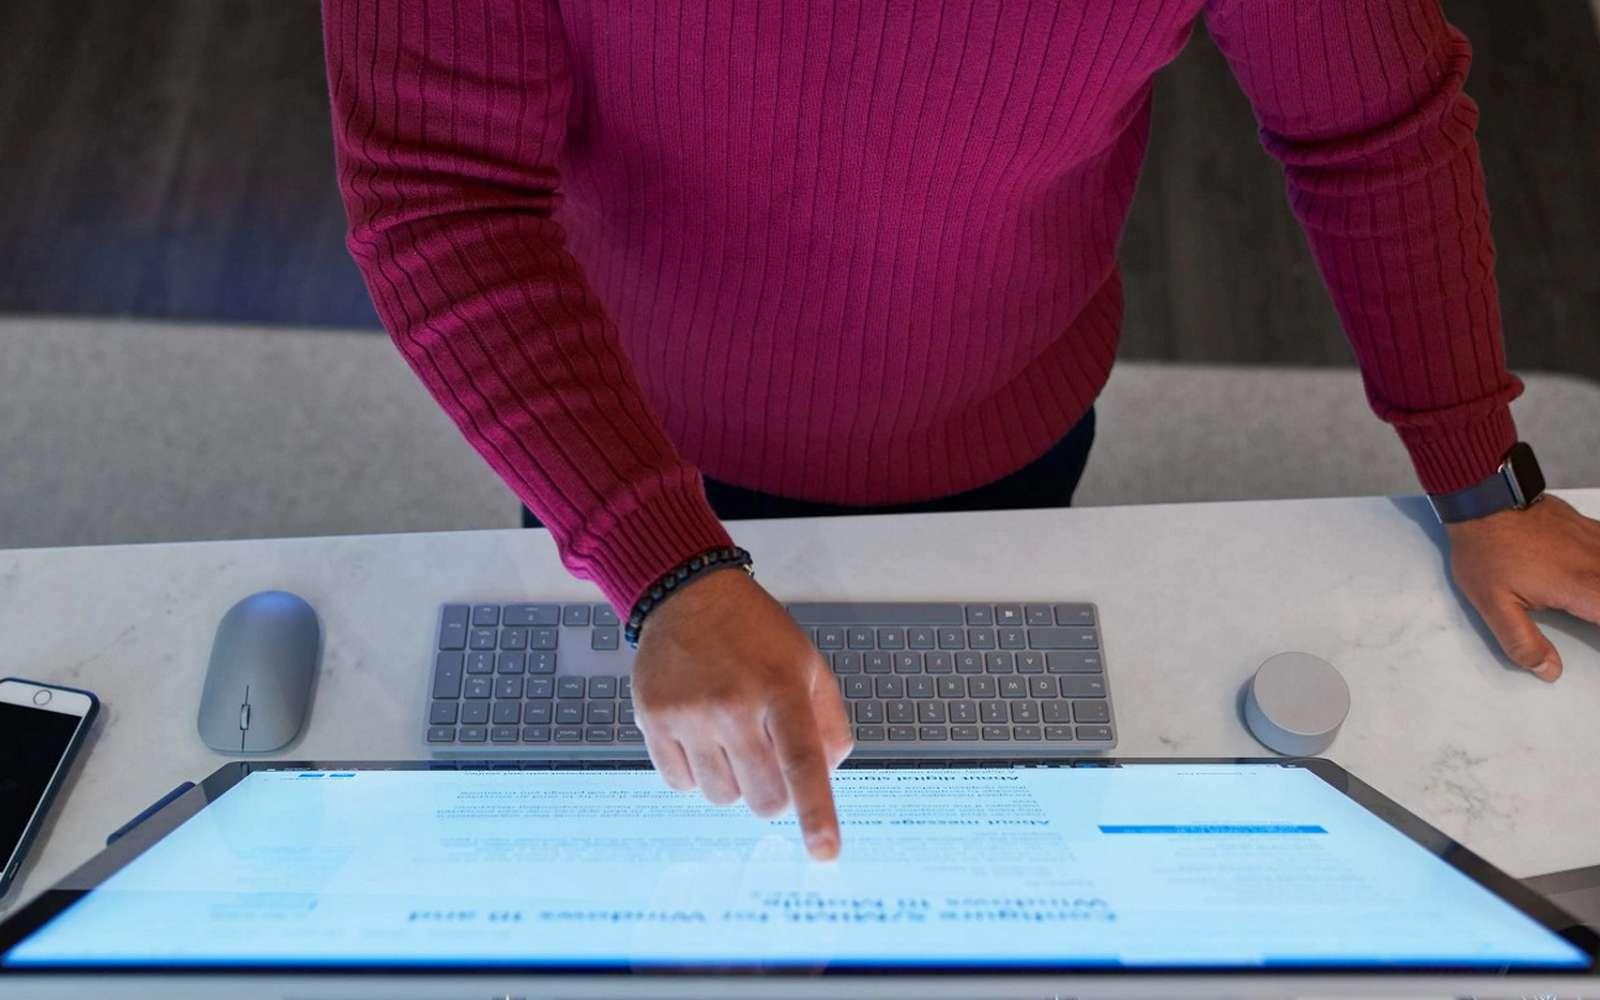 Dans un rapport de 88 pages, Microsoft analyse les cybermenaces actuelles. © Microsoft